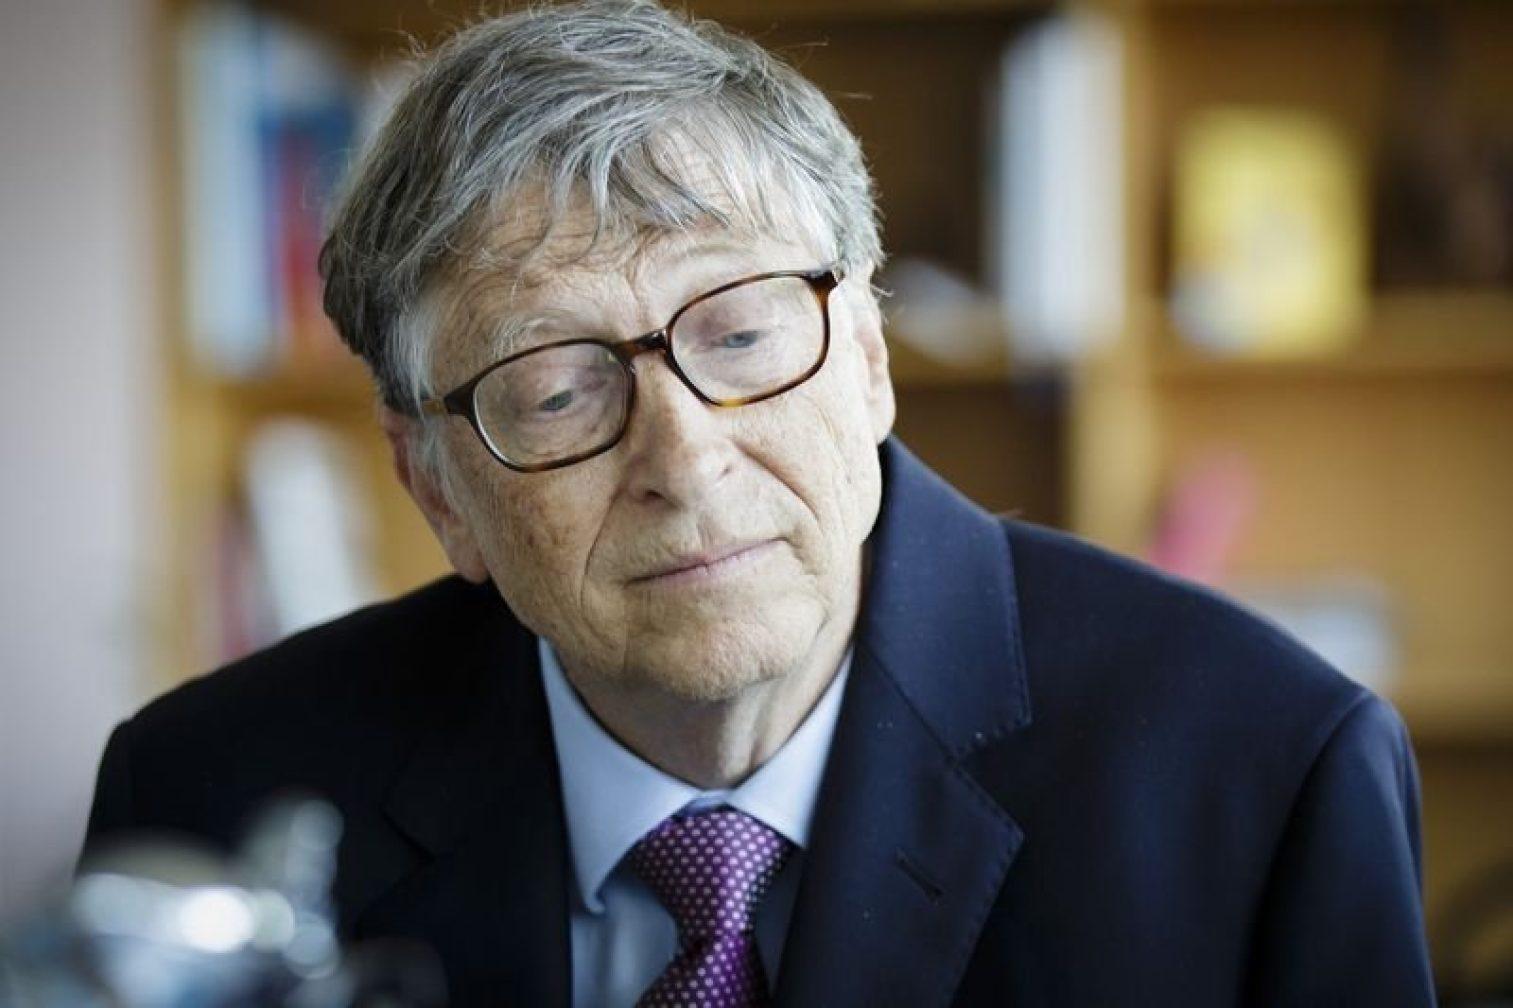 Bill Gates Worried